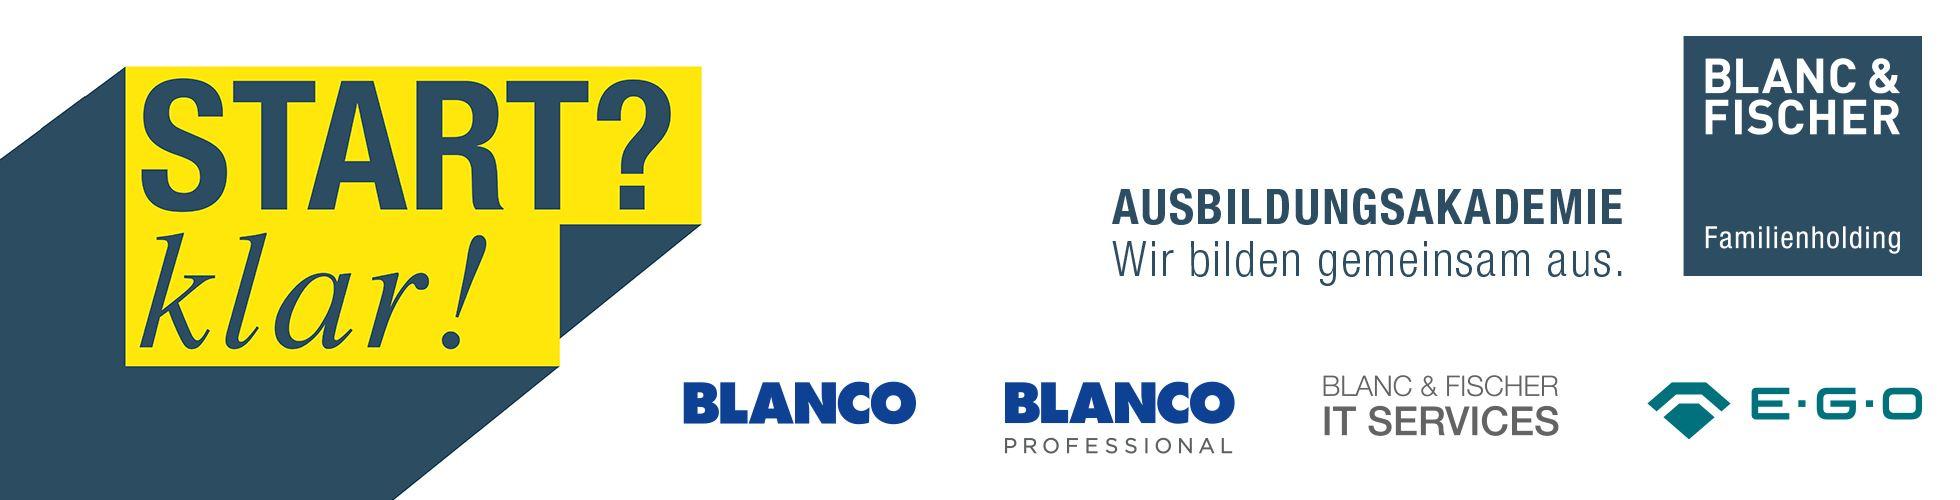 BLANC & FISCHER Ausbildungsakademie Blanc und Fischer IT Services, BLANCO, BLANCO Professional und E.G.O.